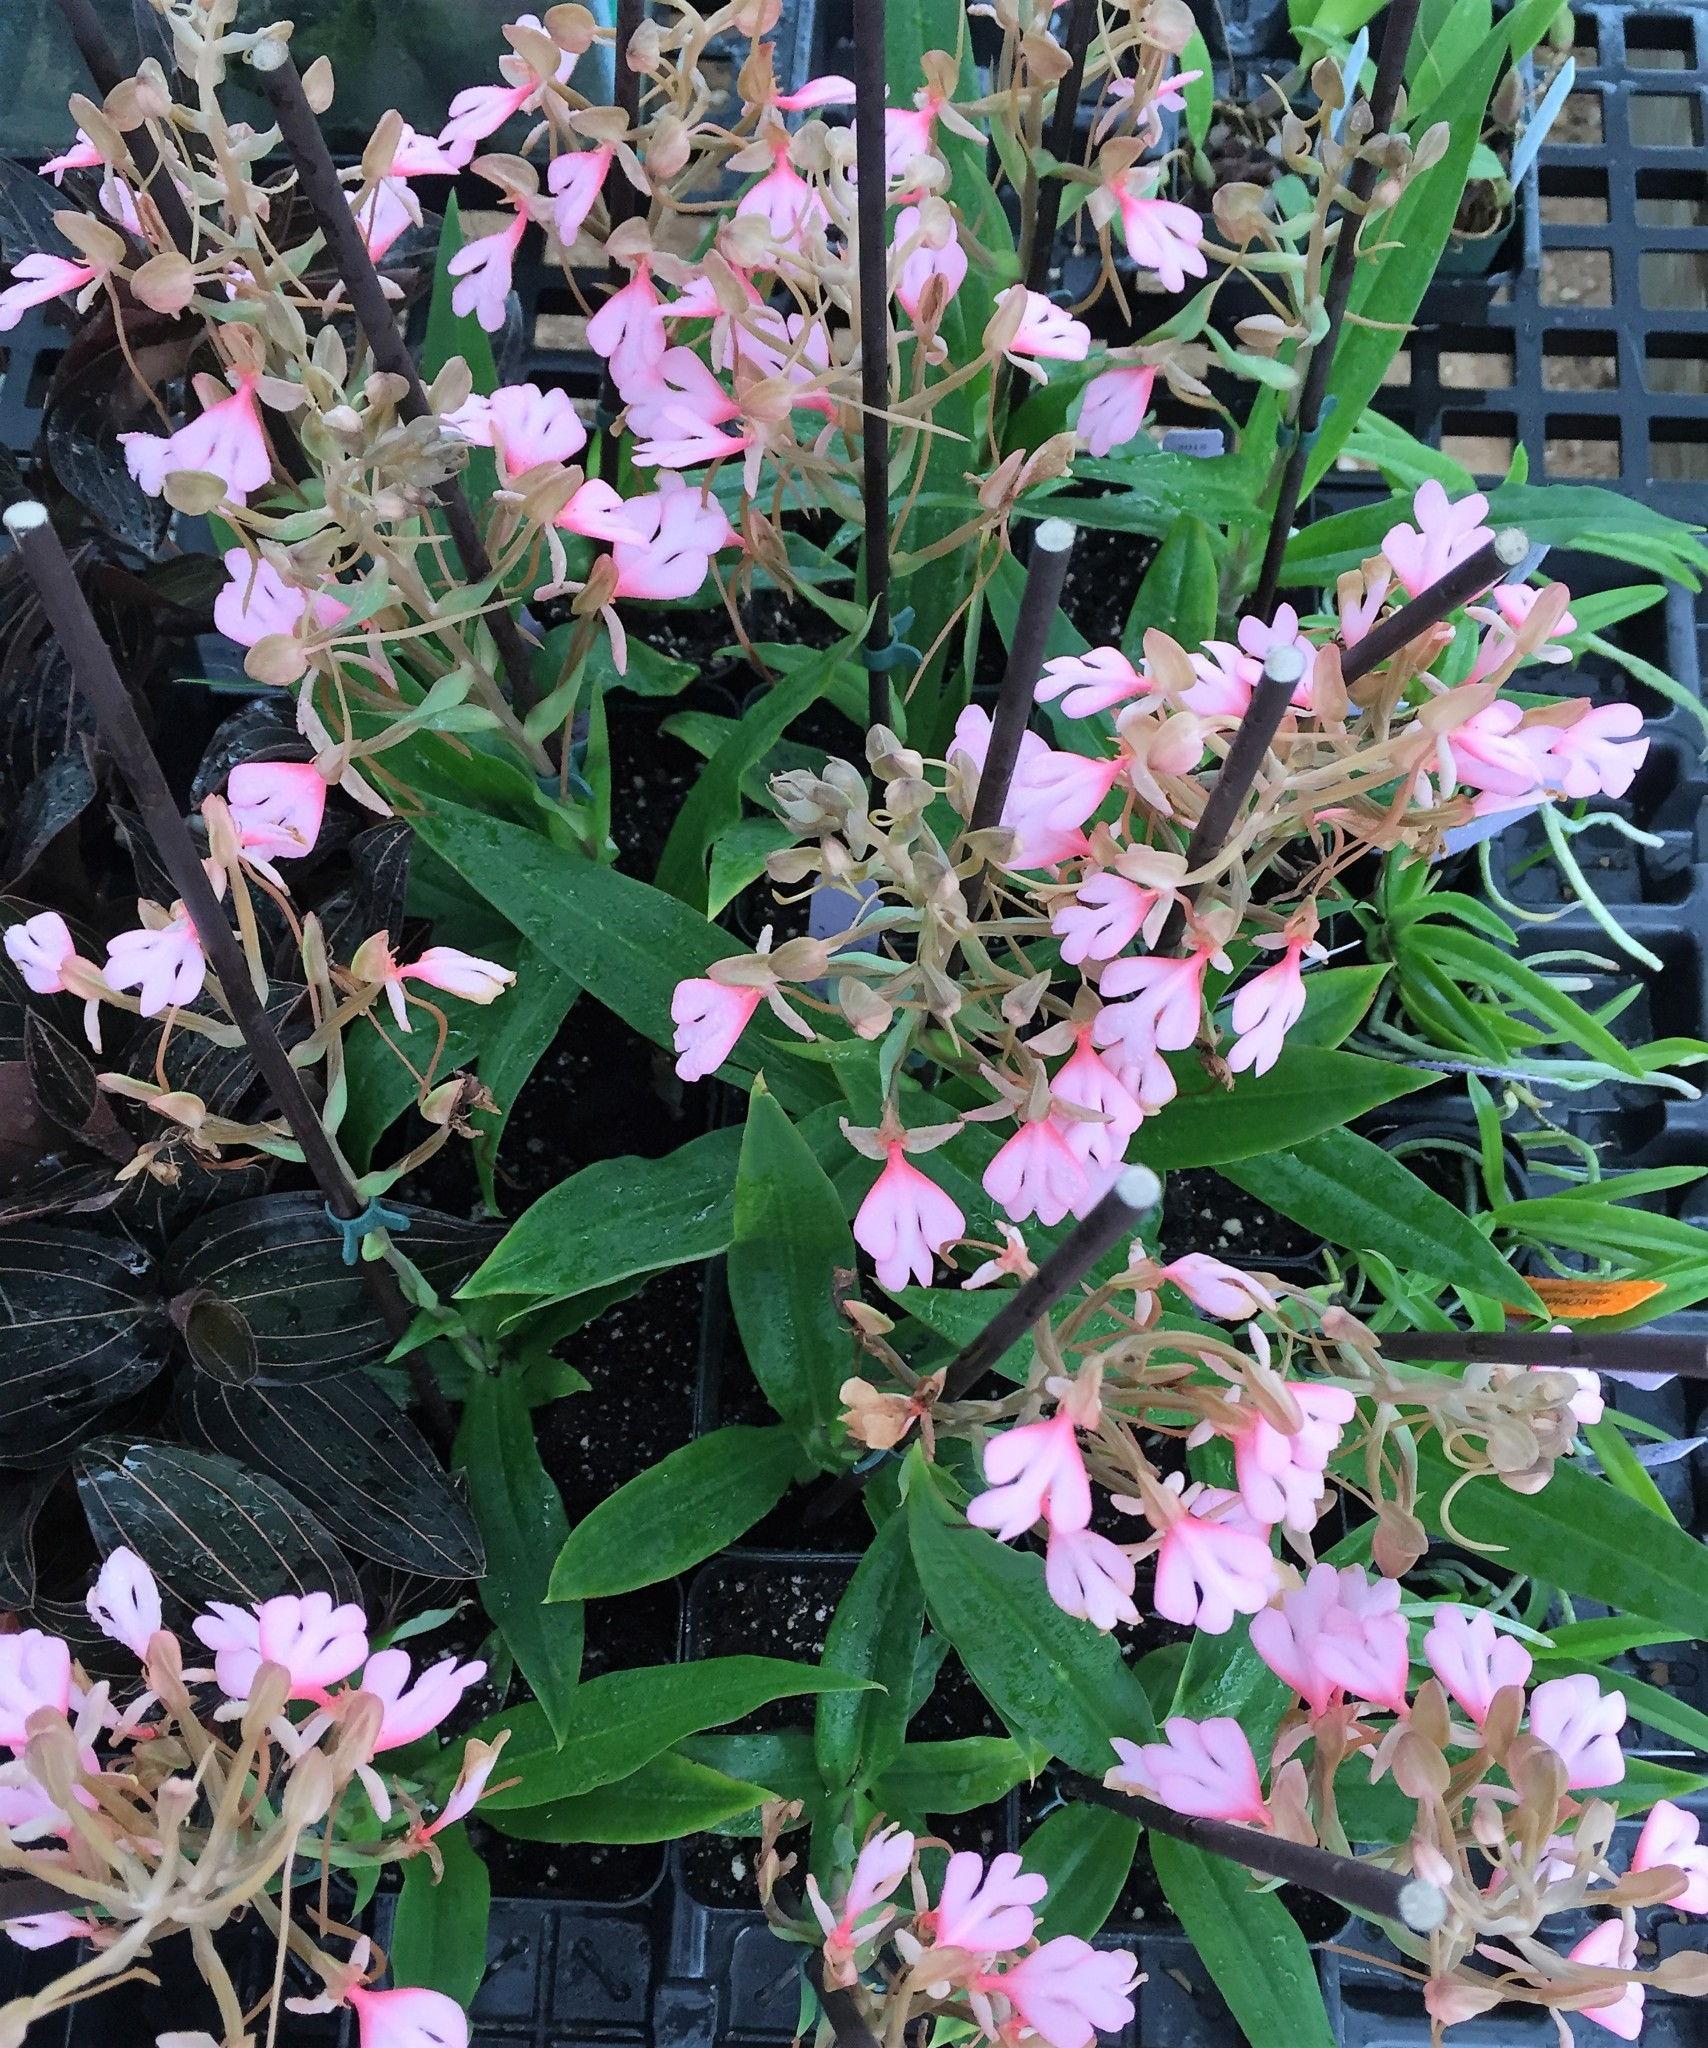 Habenaria Rhodocheila New World Orchids